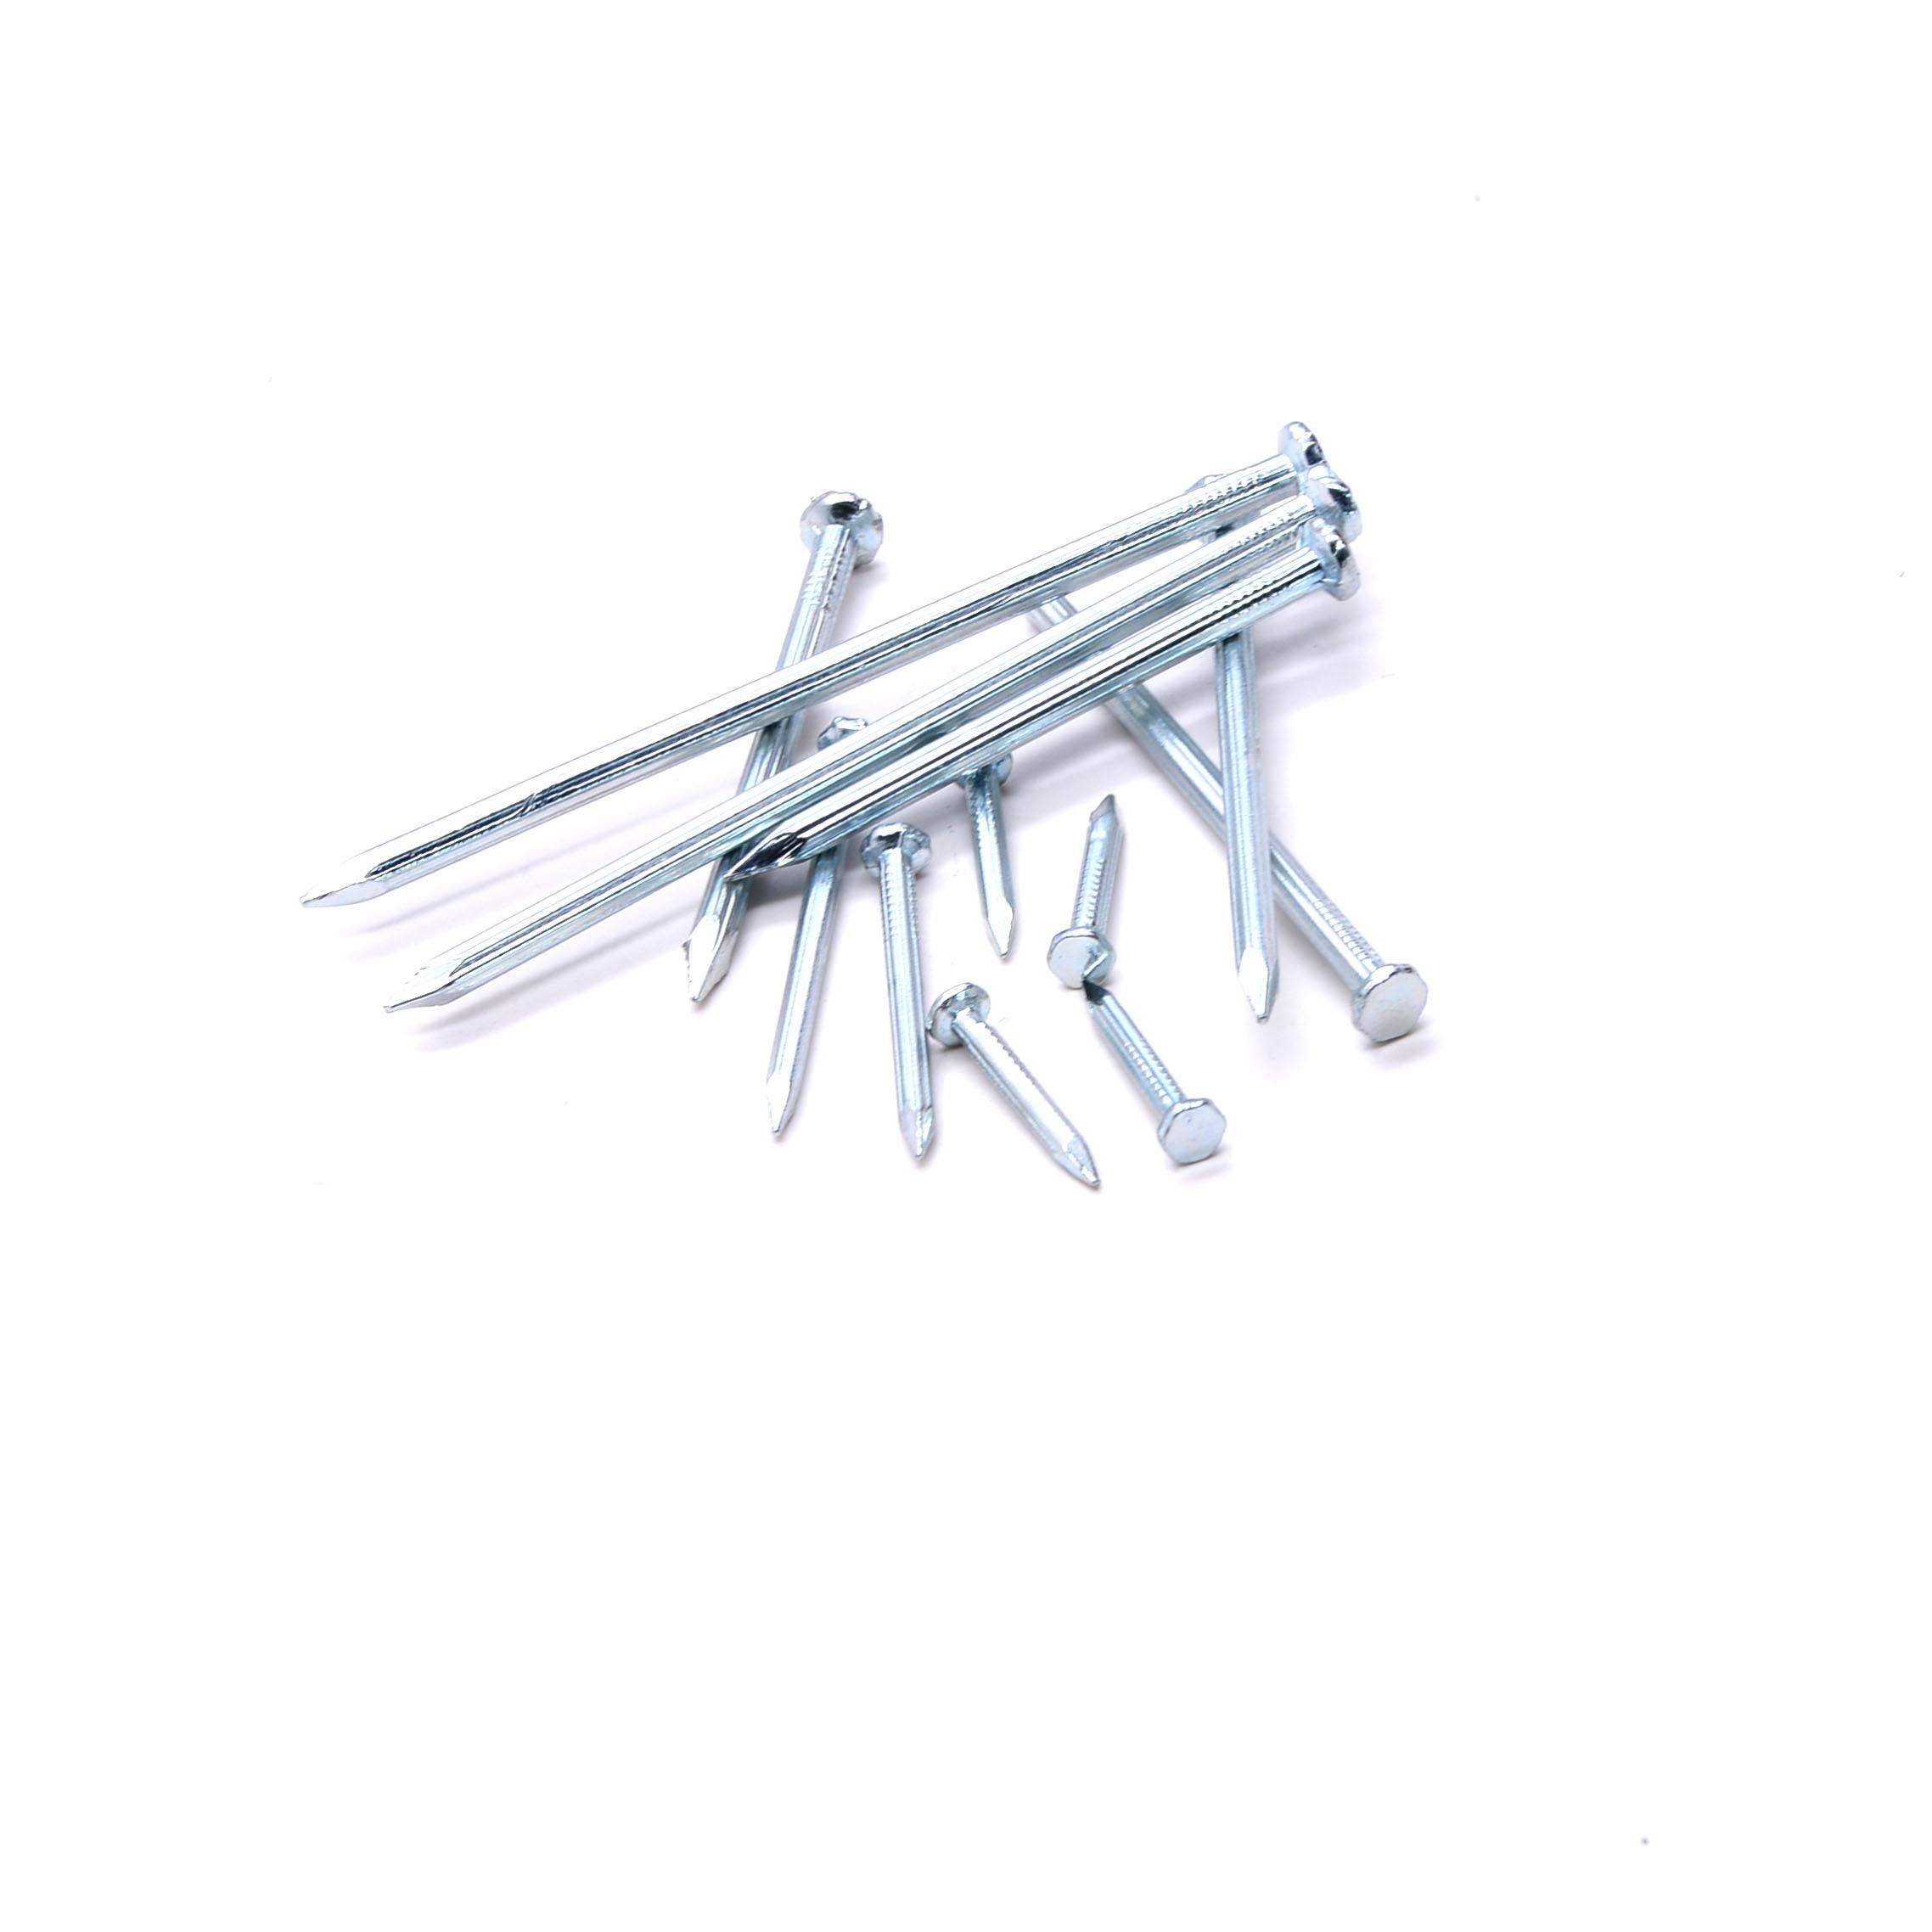 cheaper price 1''-6'' black or galvanized concrete nails/construction nails